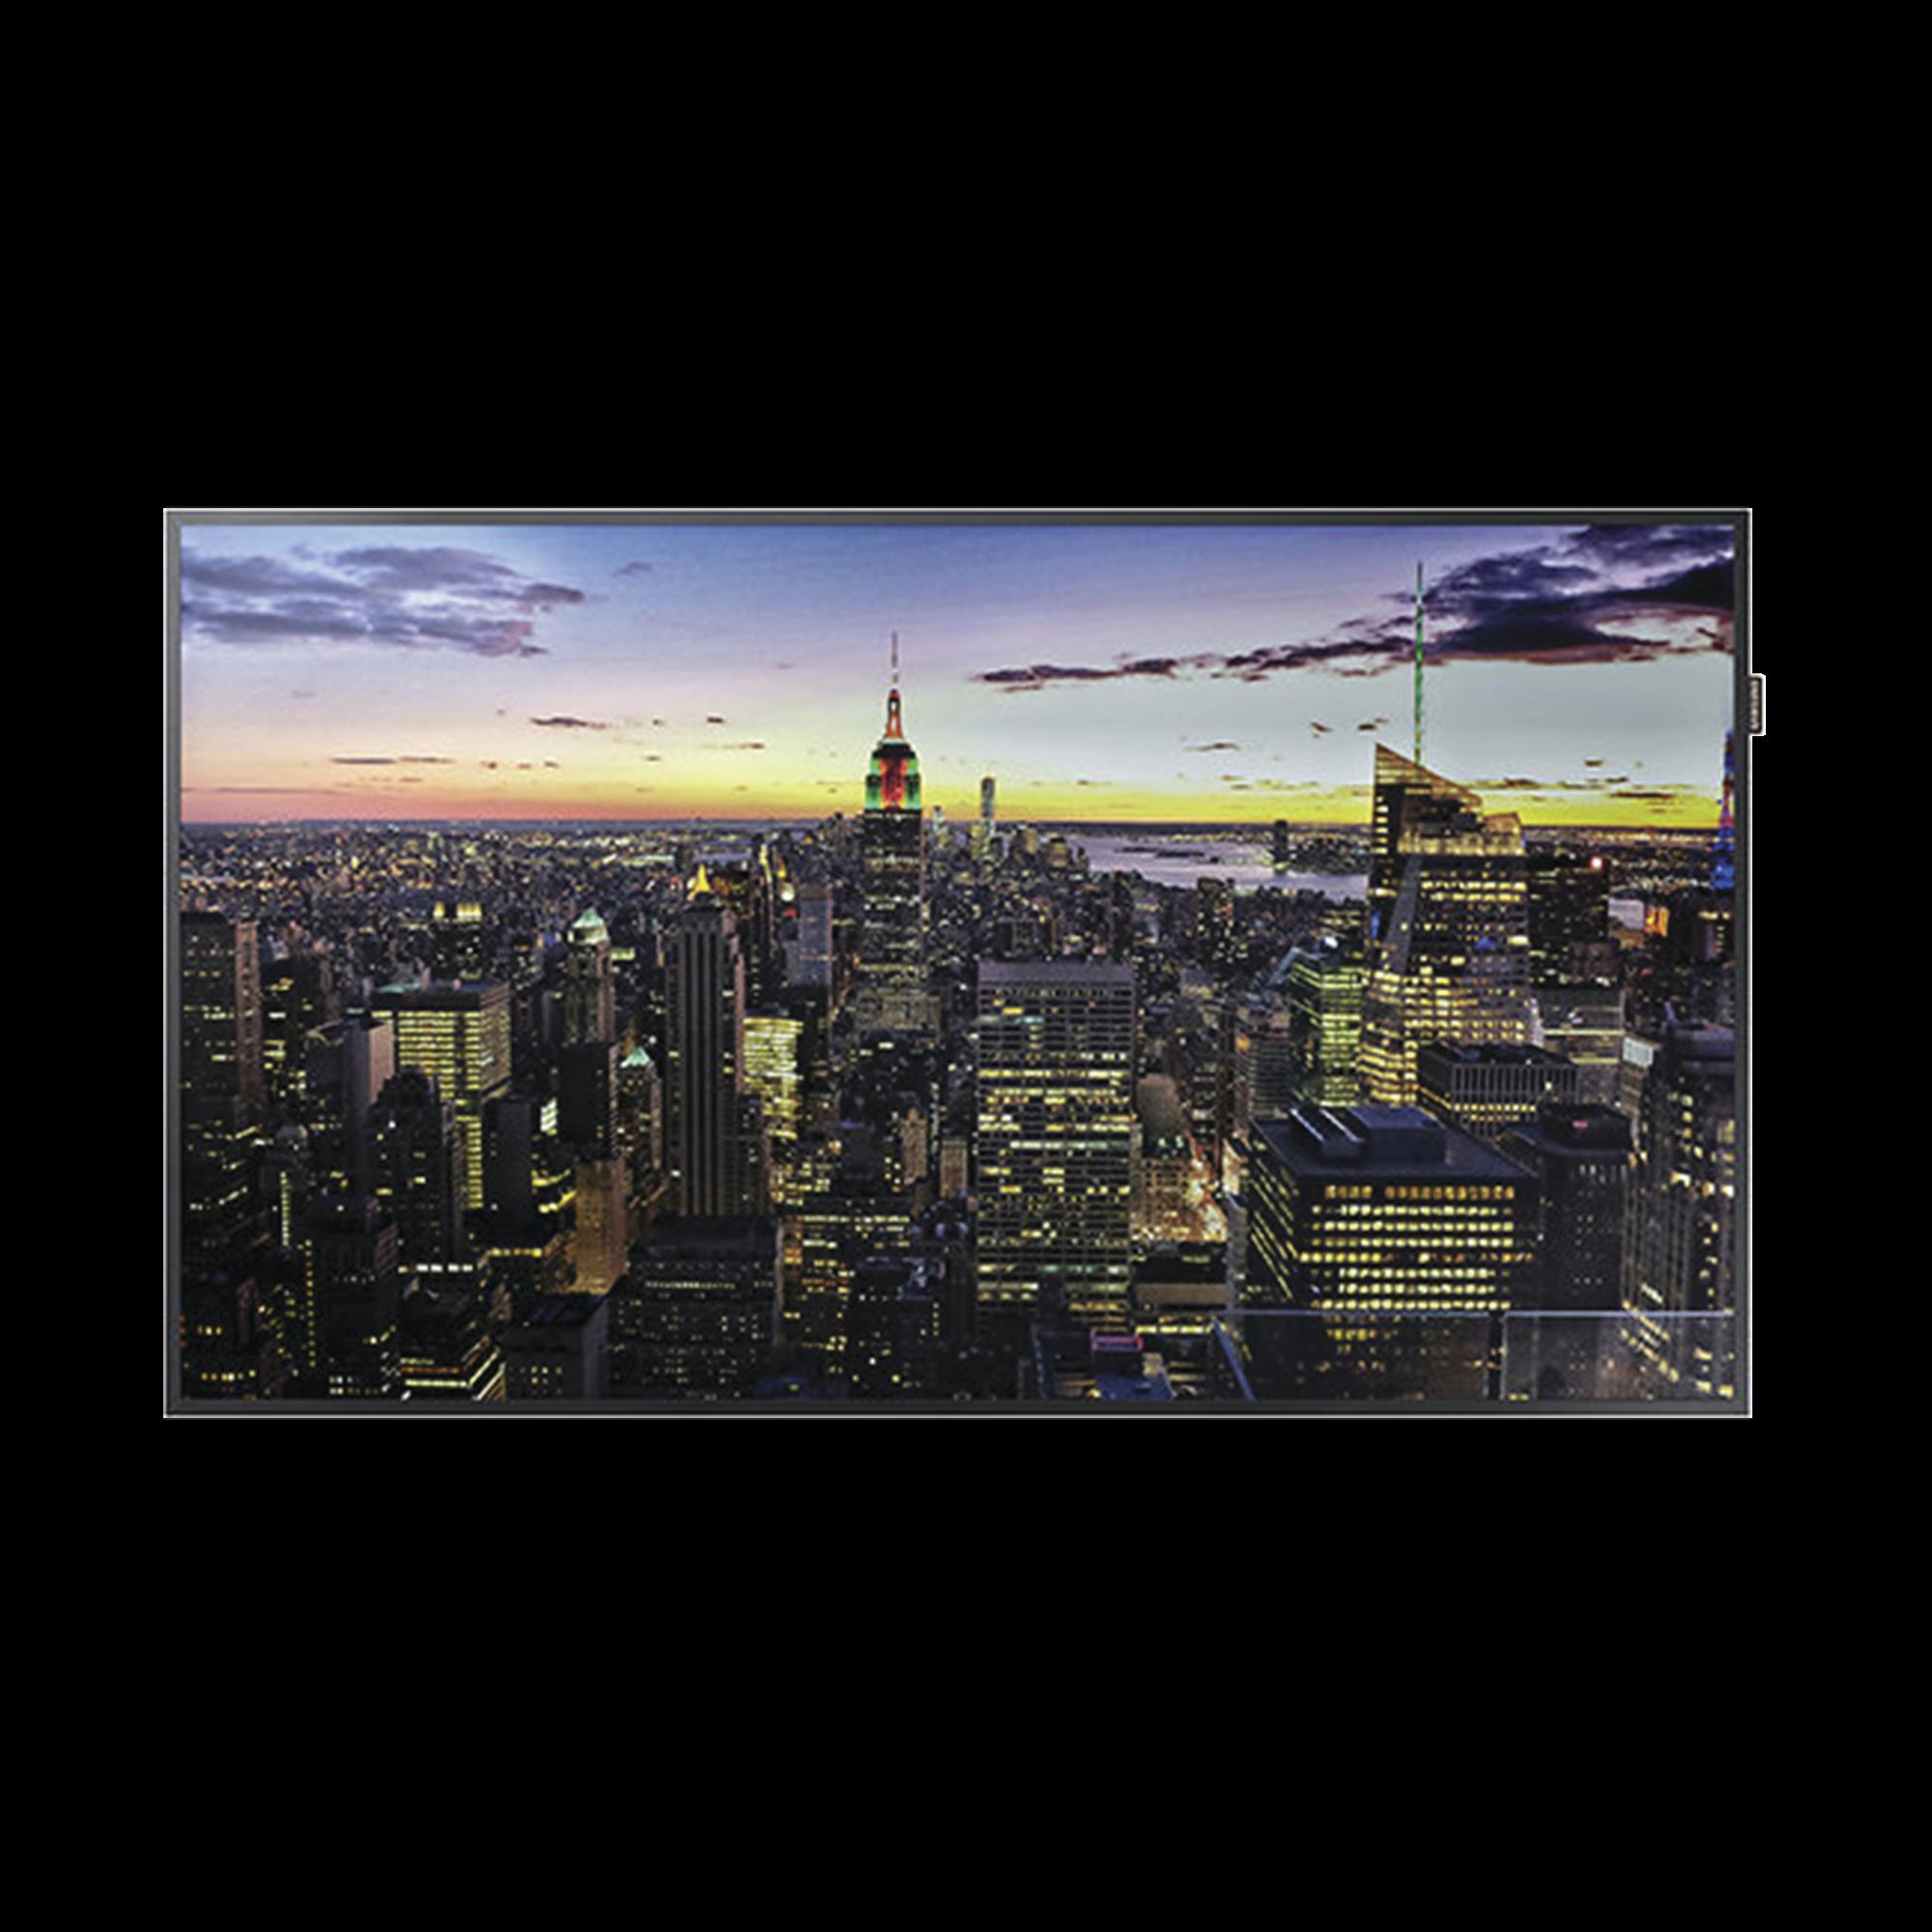 Pantalla Profesional LED de 55, UHD 4K (3840x2160p), Entradas de Video HDMI/DVI-D/DisplayPort. Compatible VESA